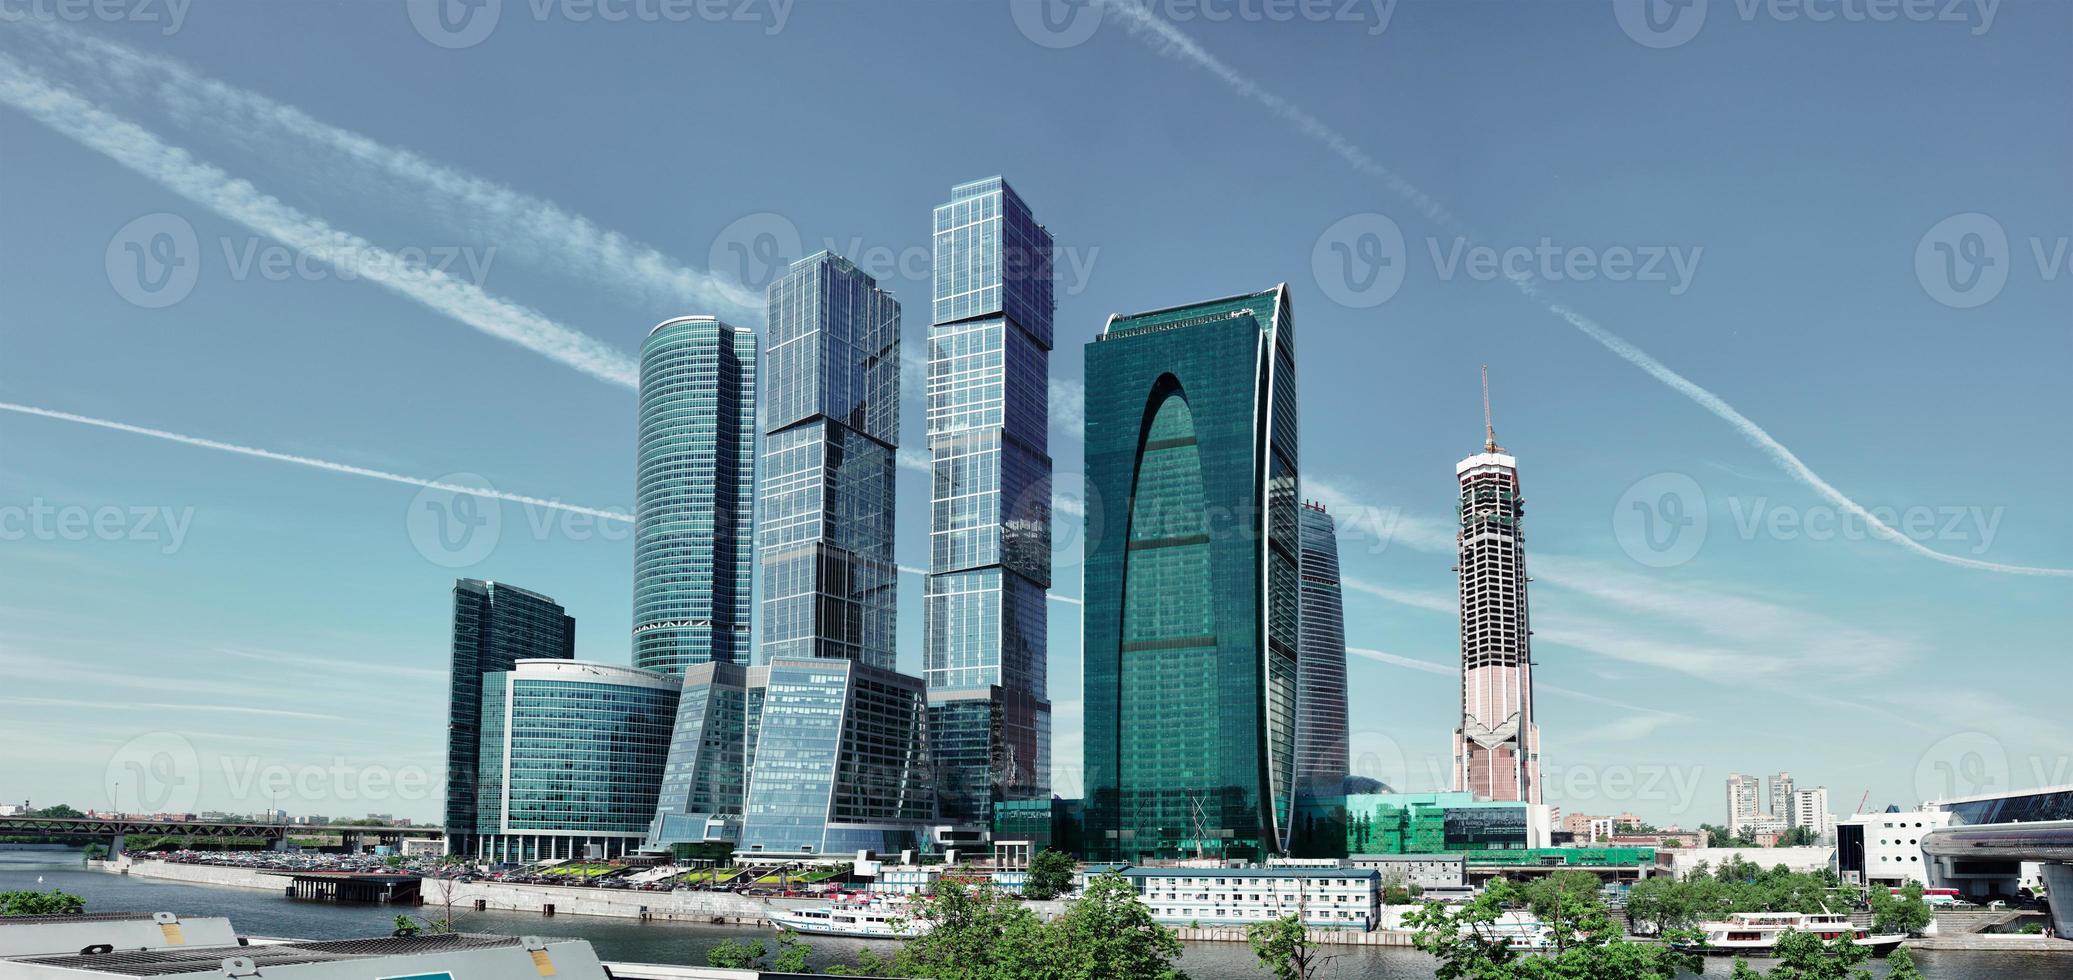 gratte-ciel modernes à moscou photo